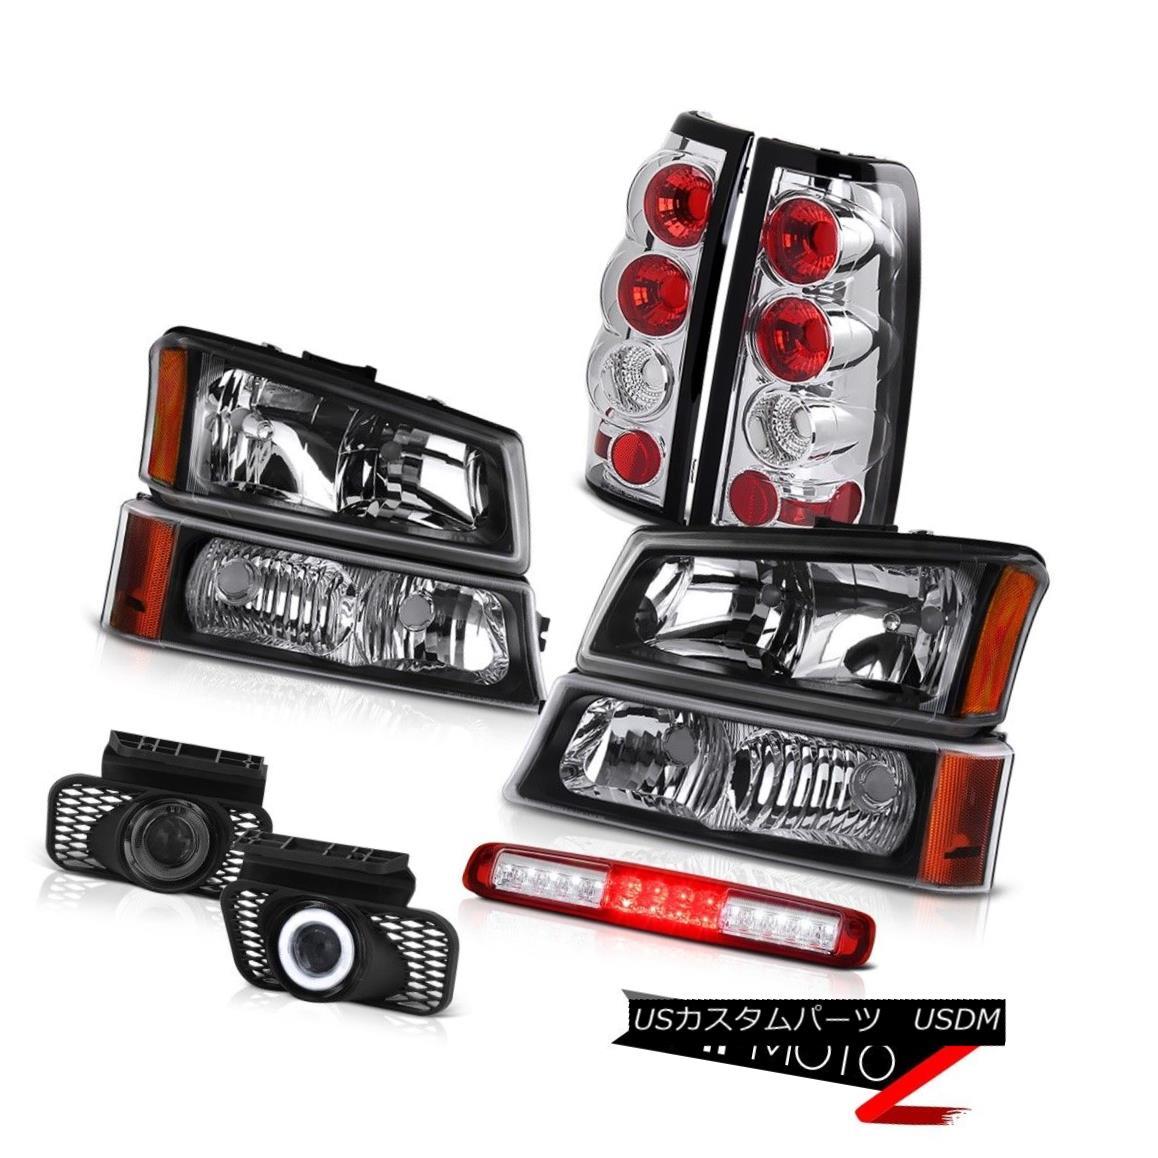 ヘッドライト 03-06 Silverado 1500 Black Parking Lamp 3RD Brake Headlights Foglamps Taillamps 03-06シルバラード1500ブラック・パーキング・ランプ3RDブレーキ・ヘッドライトフォグランプ・タイルランプ